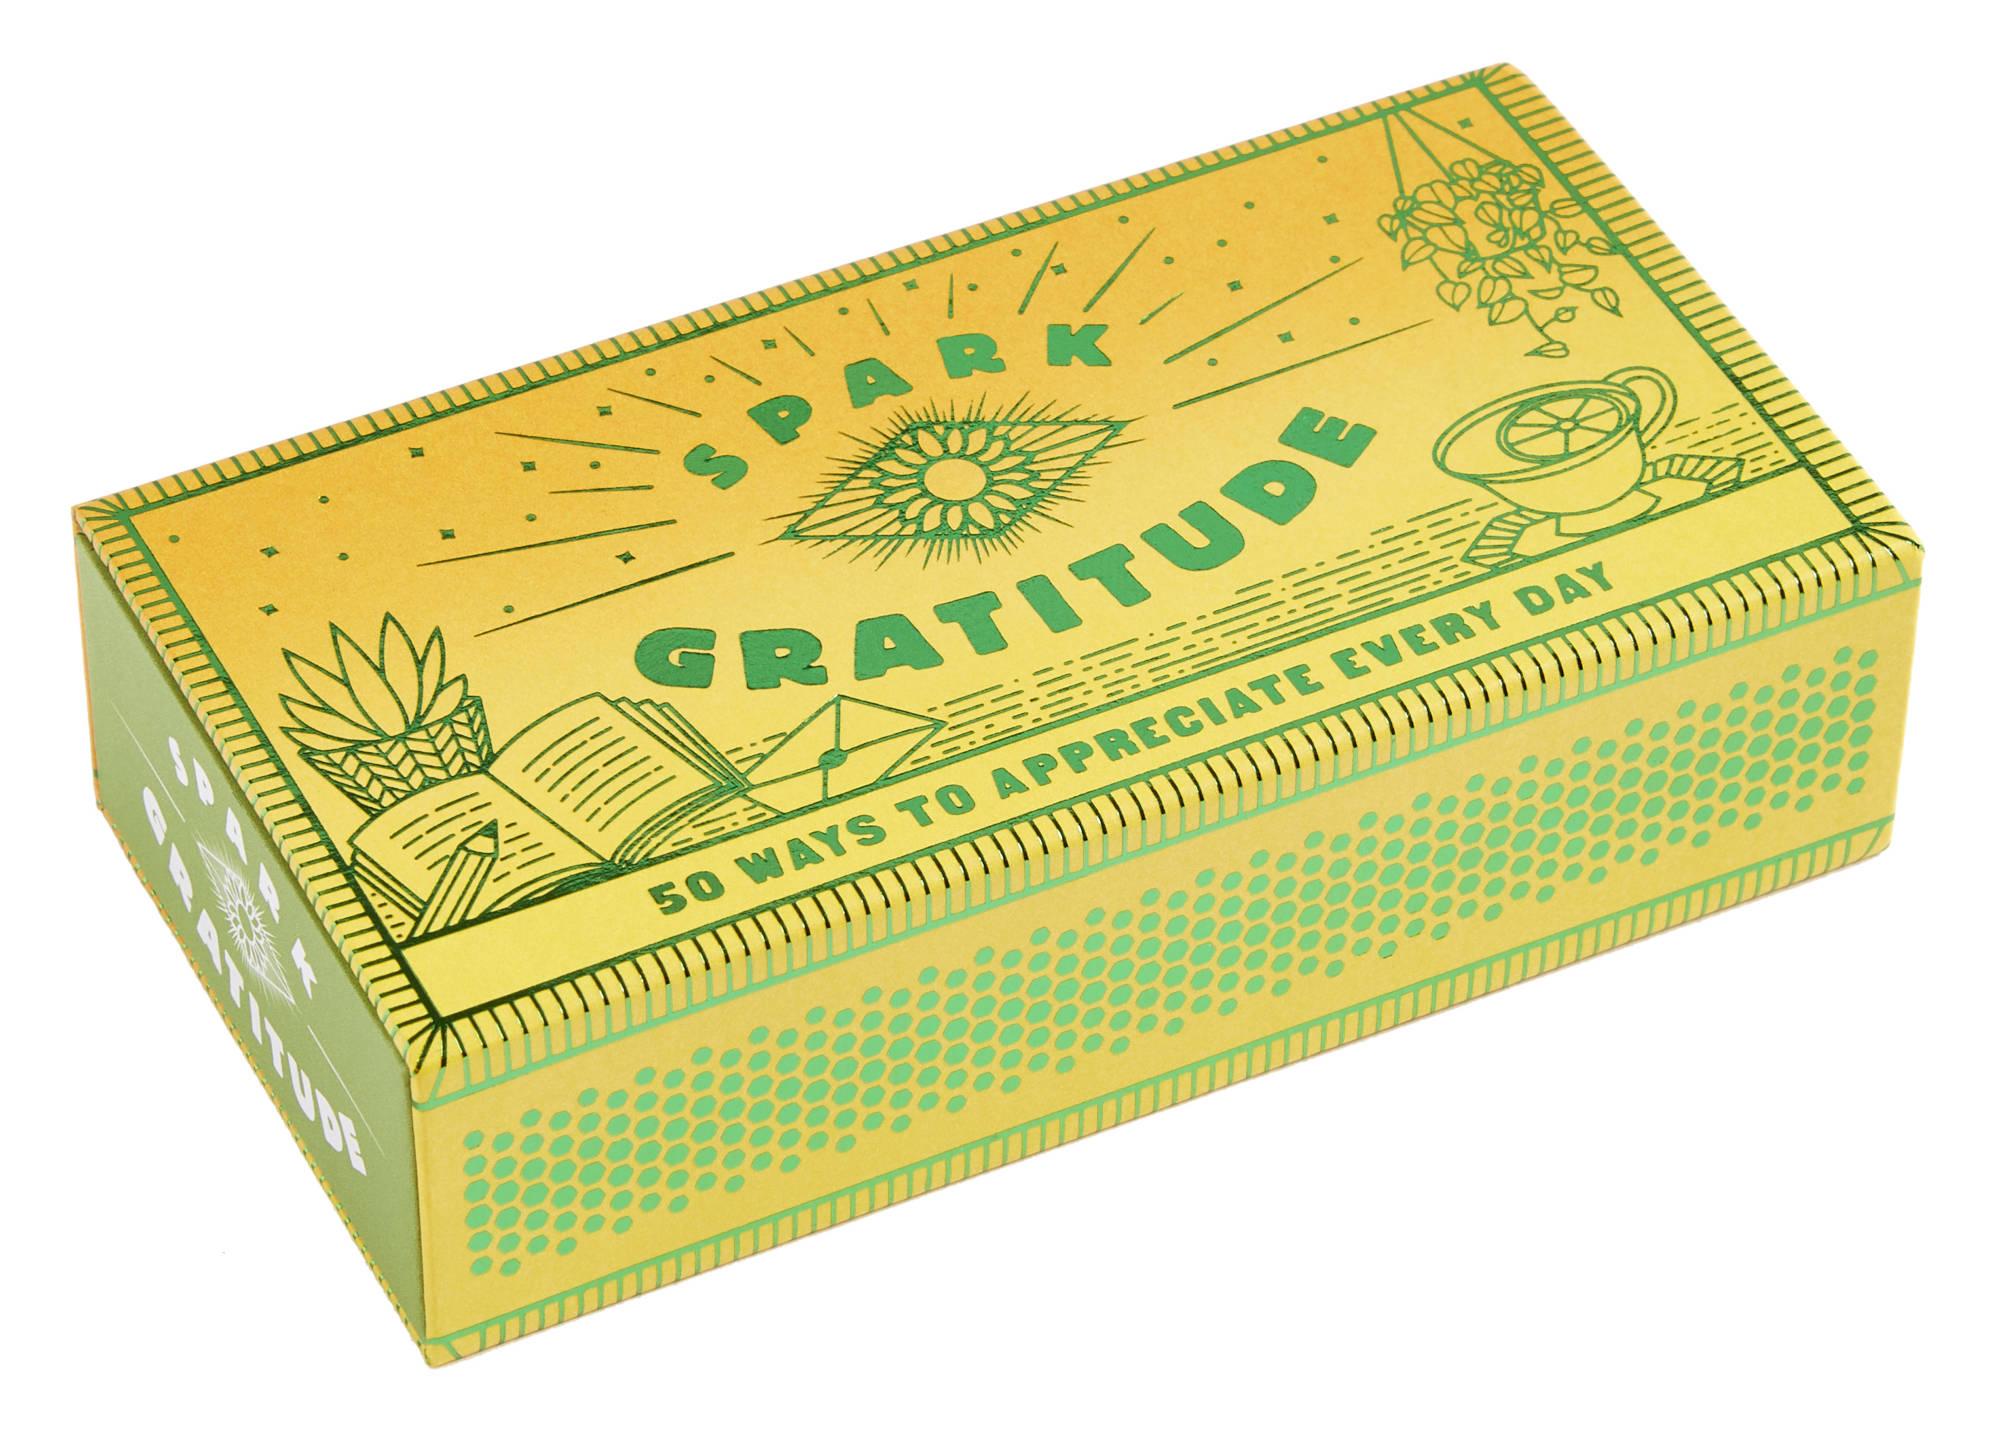 Spark - Gratitude